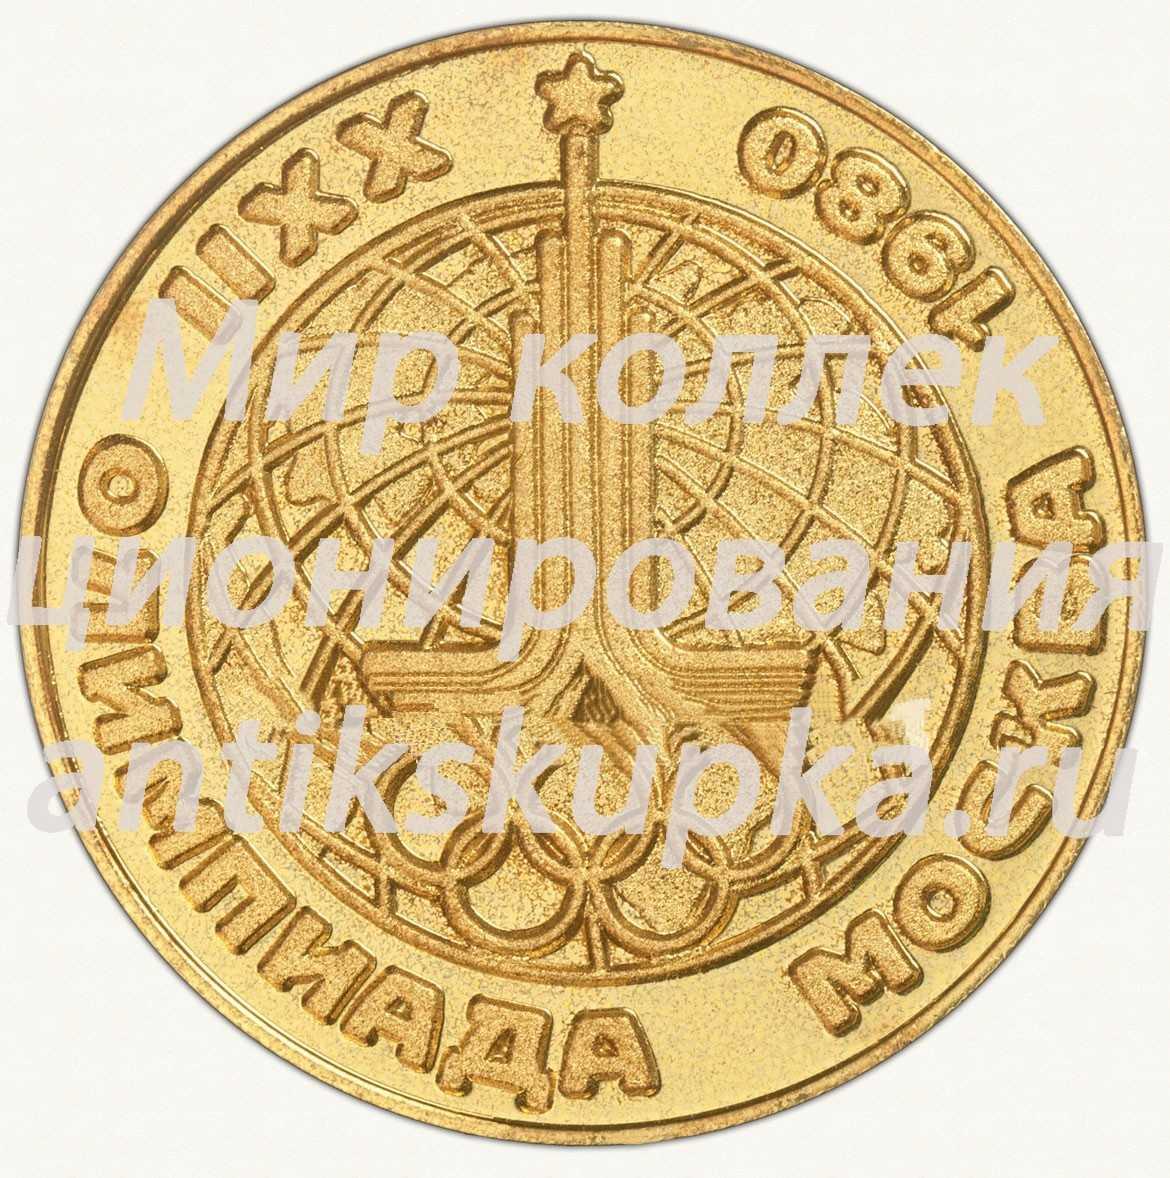 Настольная медаль «Езда на велосипеде. Серия медалей посвященных летней Олимпиаде 1980 г. в Москве»